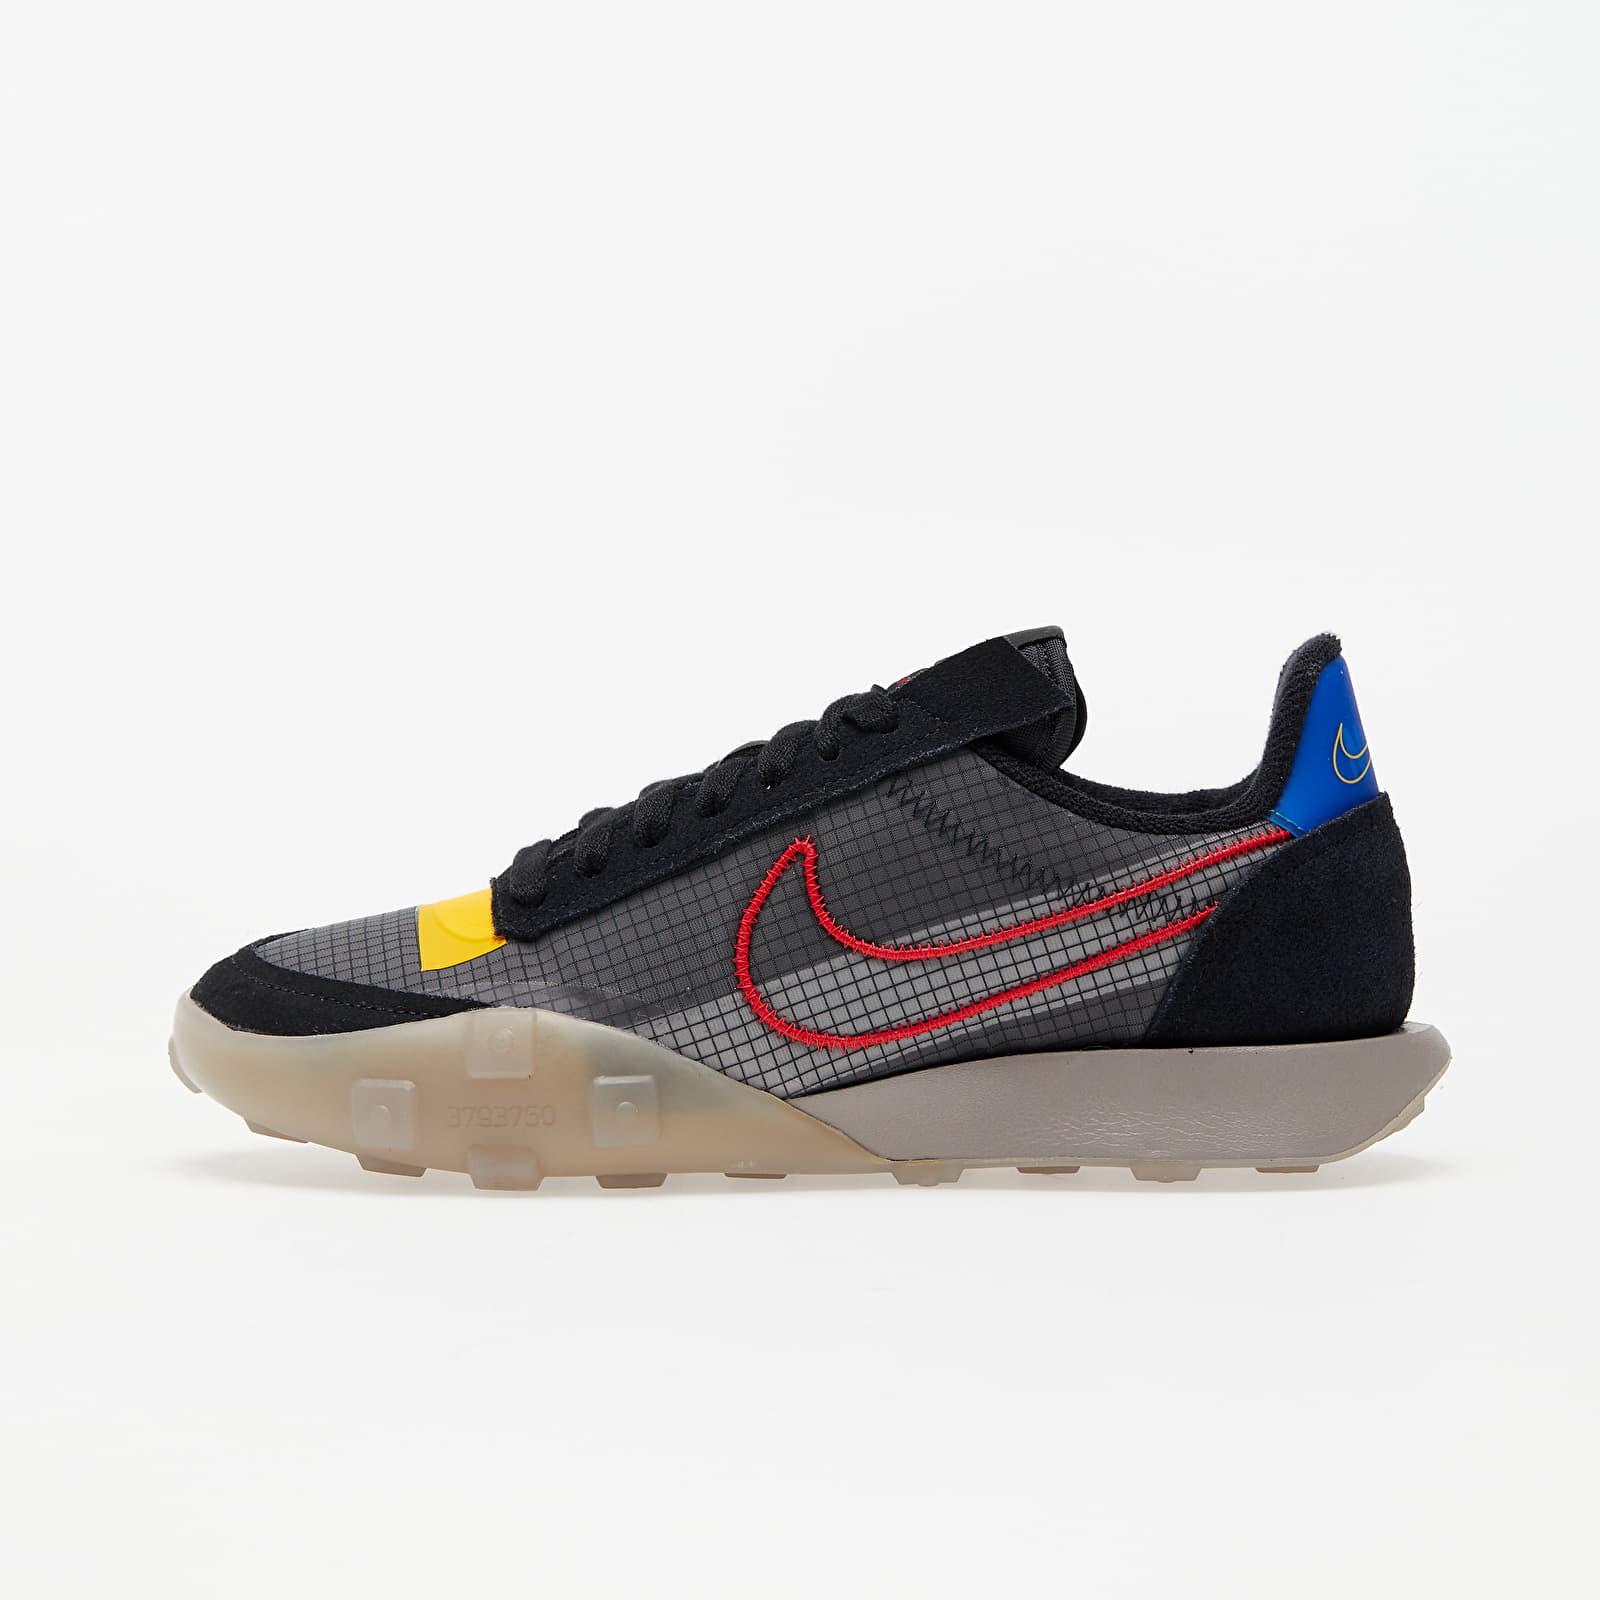 Încălțăminte și sneakerși pentru femei Nike W Waffle Racer 2X Black/ University Red-Enigma Stone